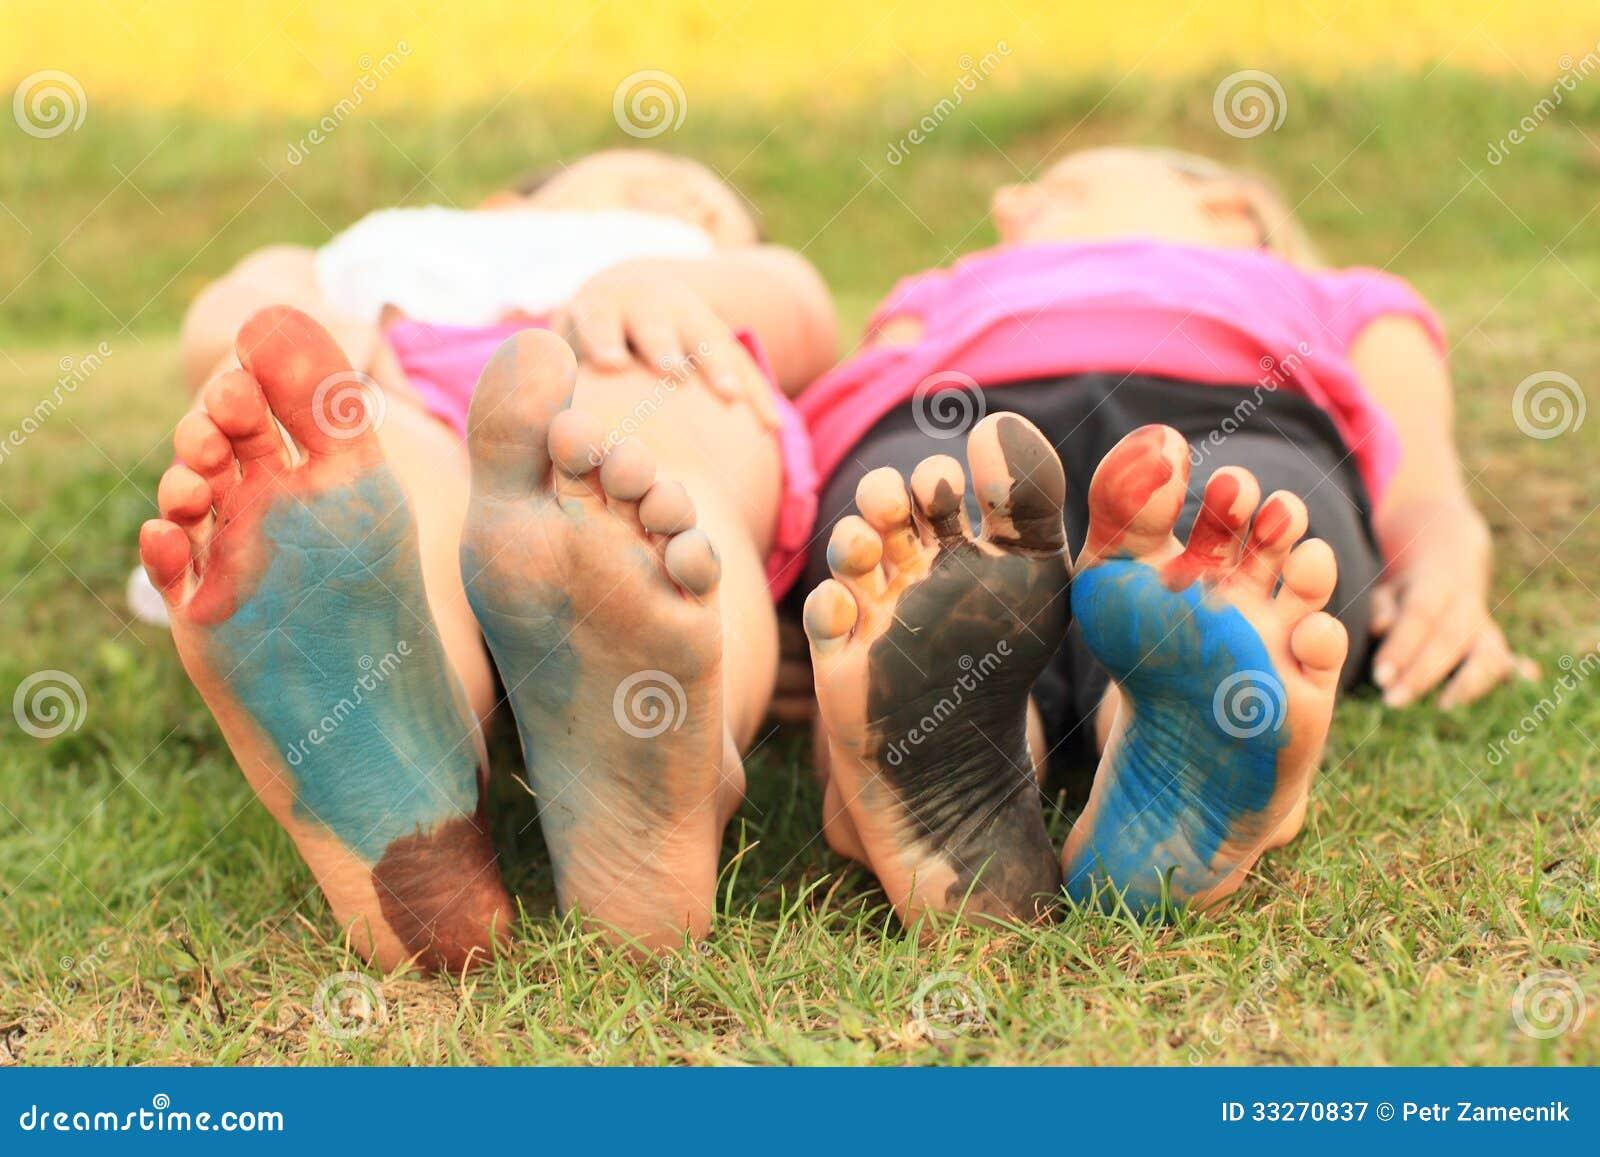 Girl Kids Feet Bare Feet of a Smiling Kids